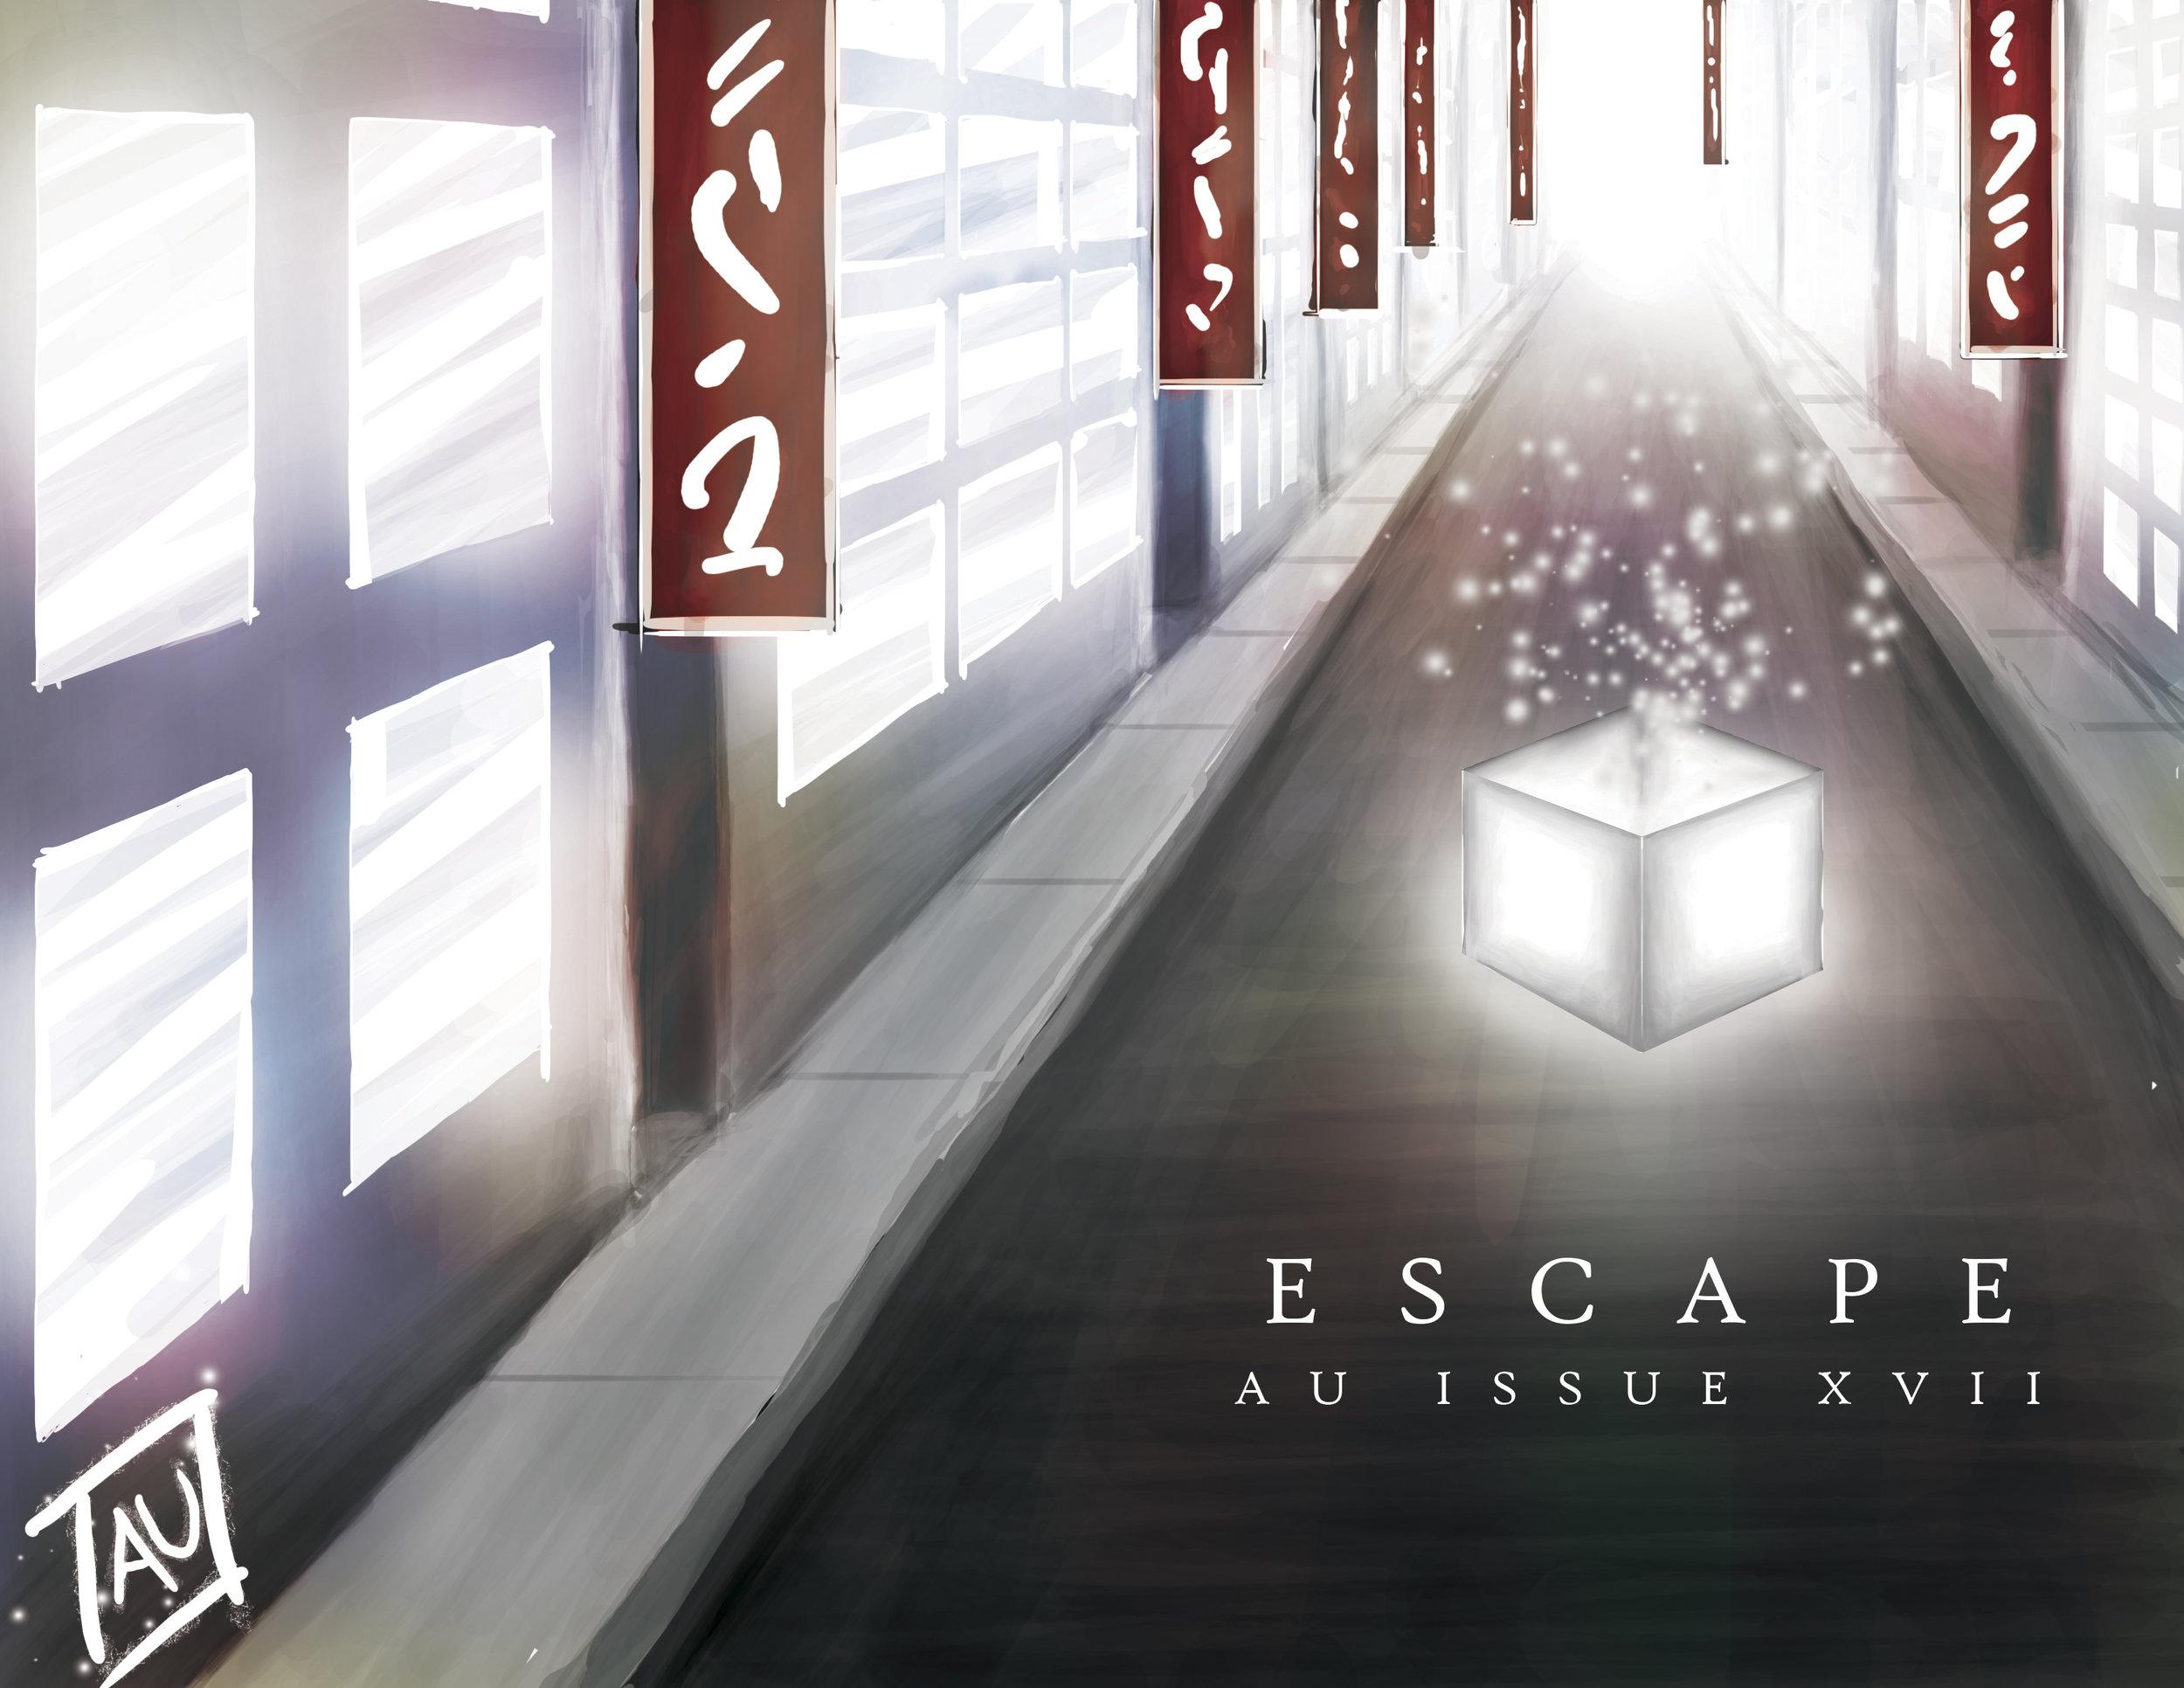 AU Issue XVII: Escape